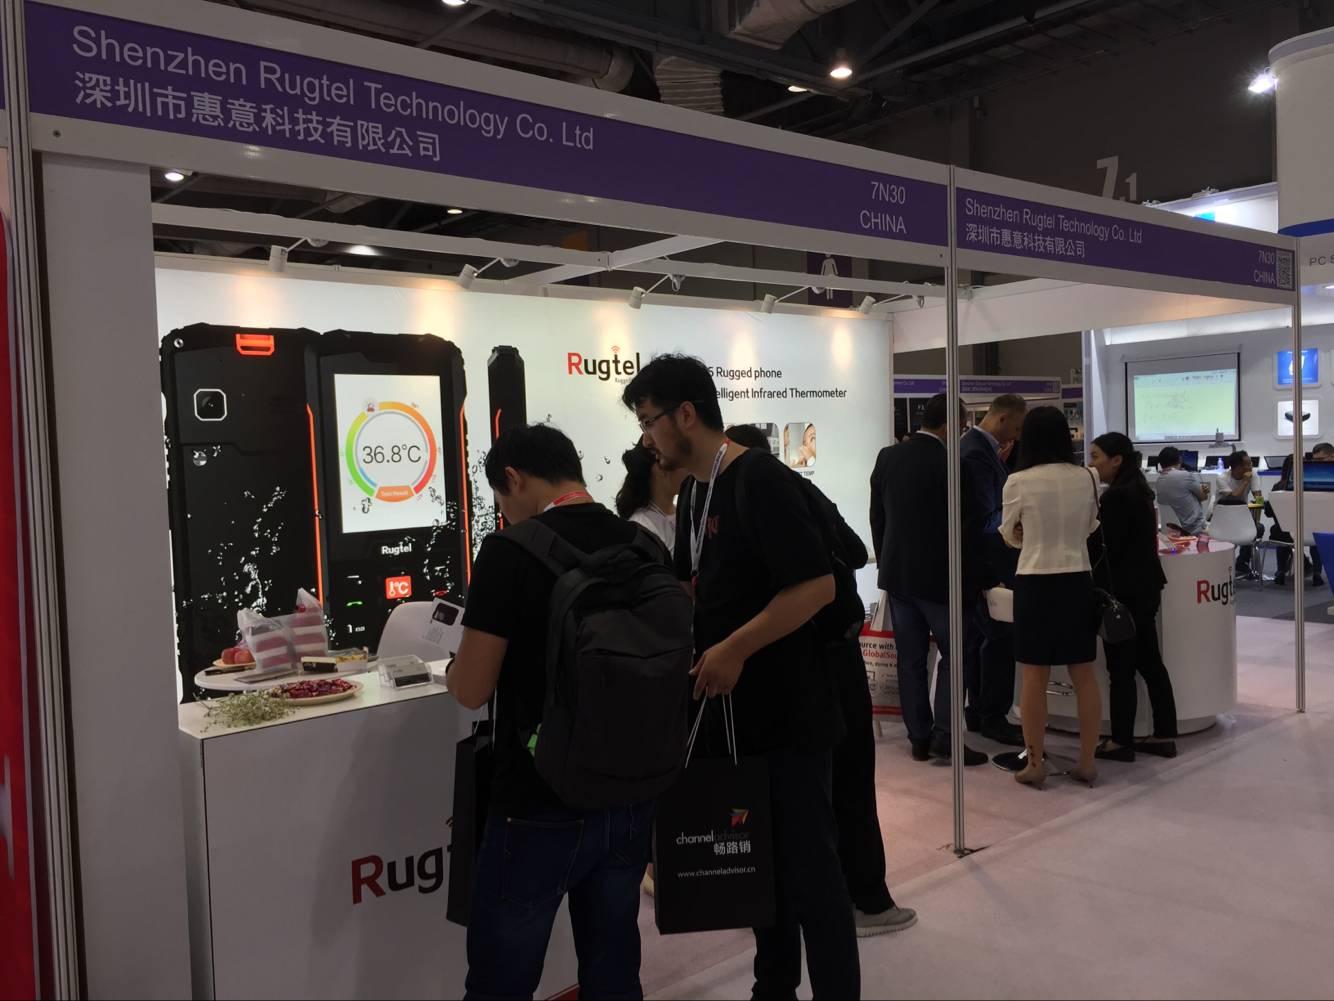 Rugtel attend HK Fair 2018, Booth No: 7N30